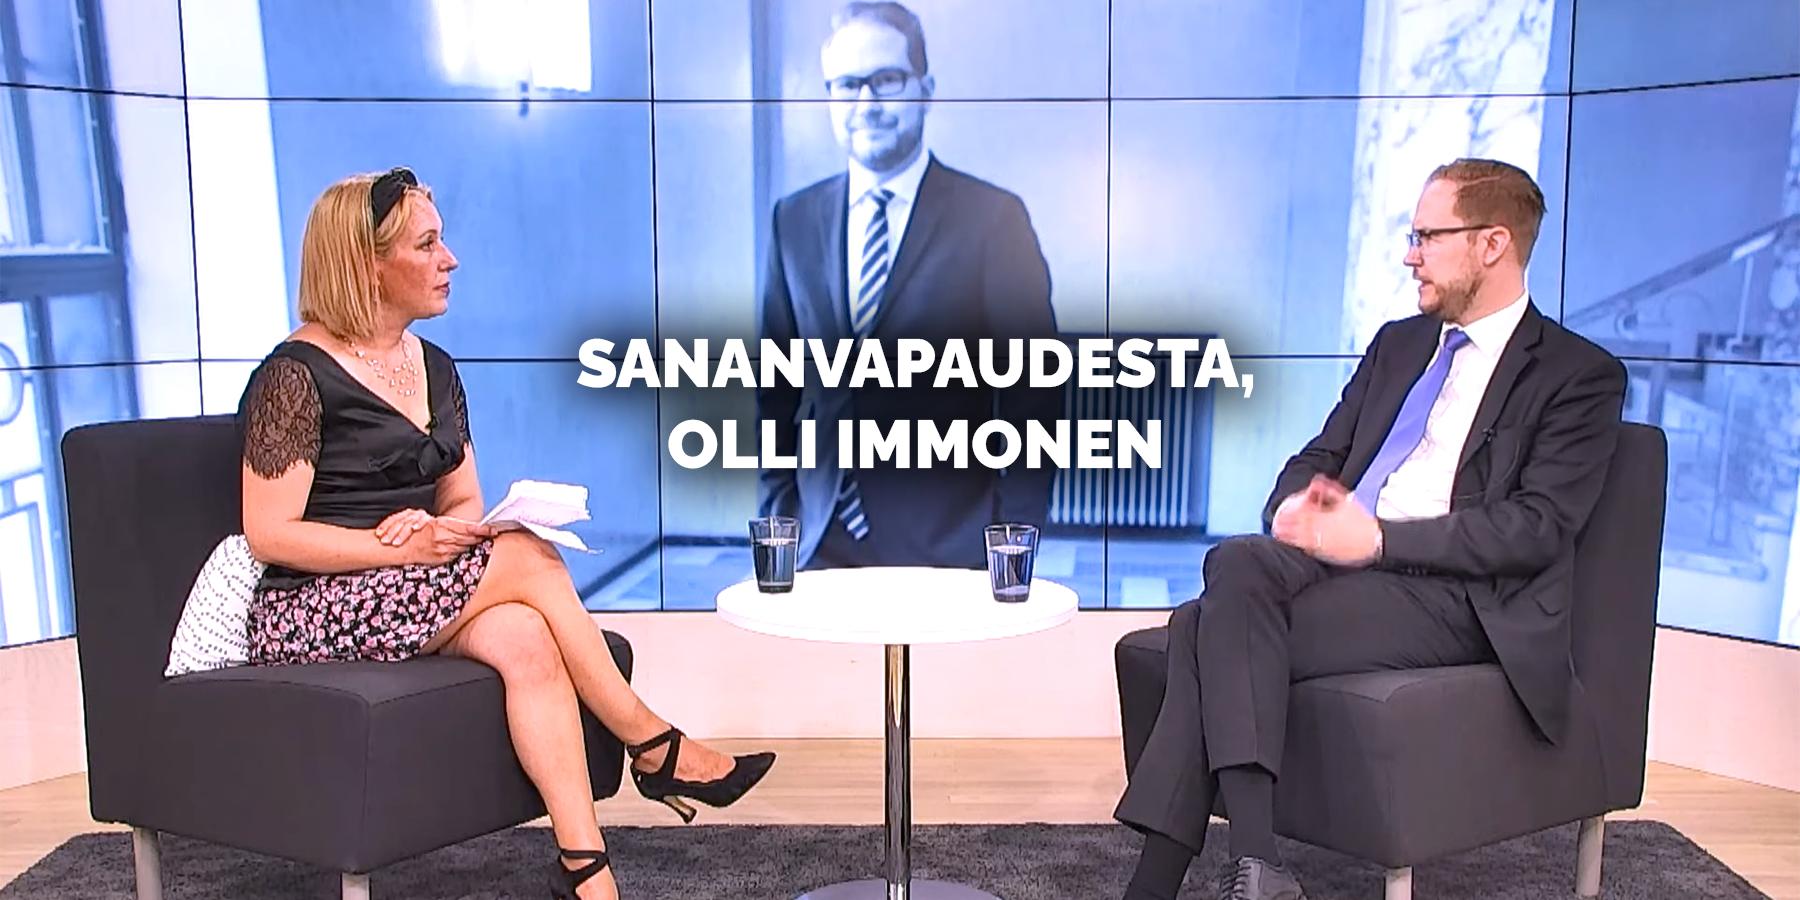 """Kansanedustaja Olli Immonen videohaastattelussa: """"Eliitti sensuroi sinua, sananvapaus on uhattuna"""""""